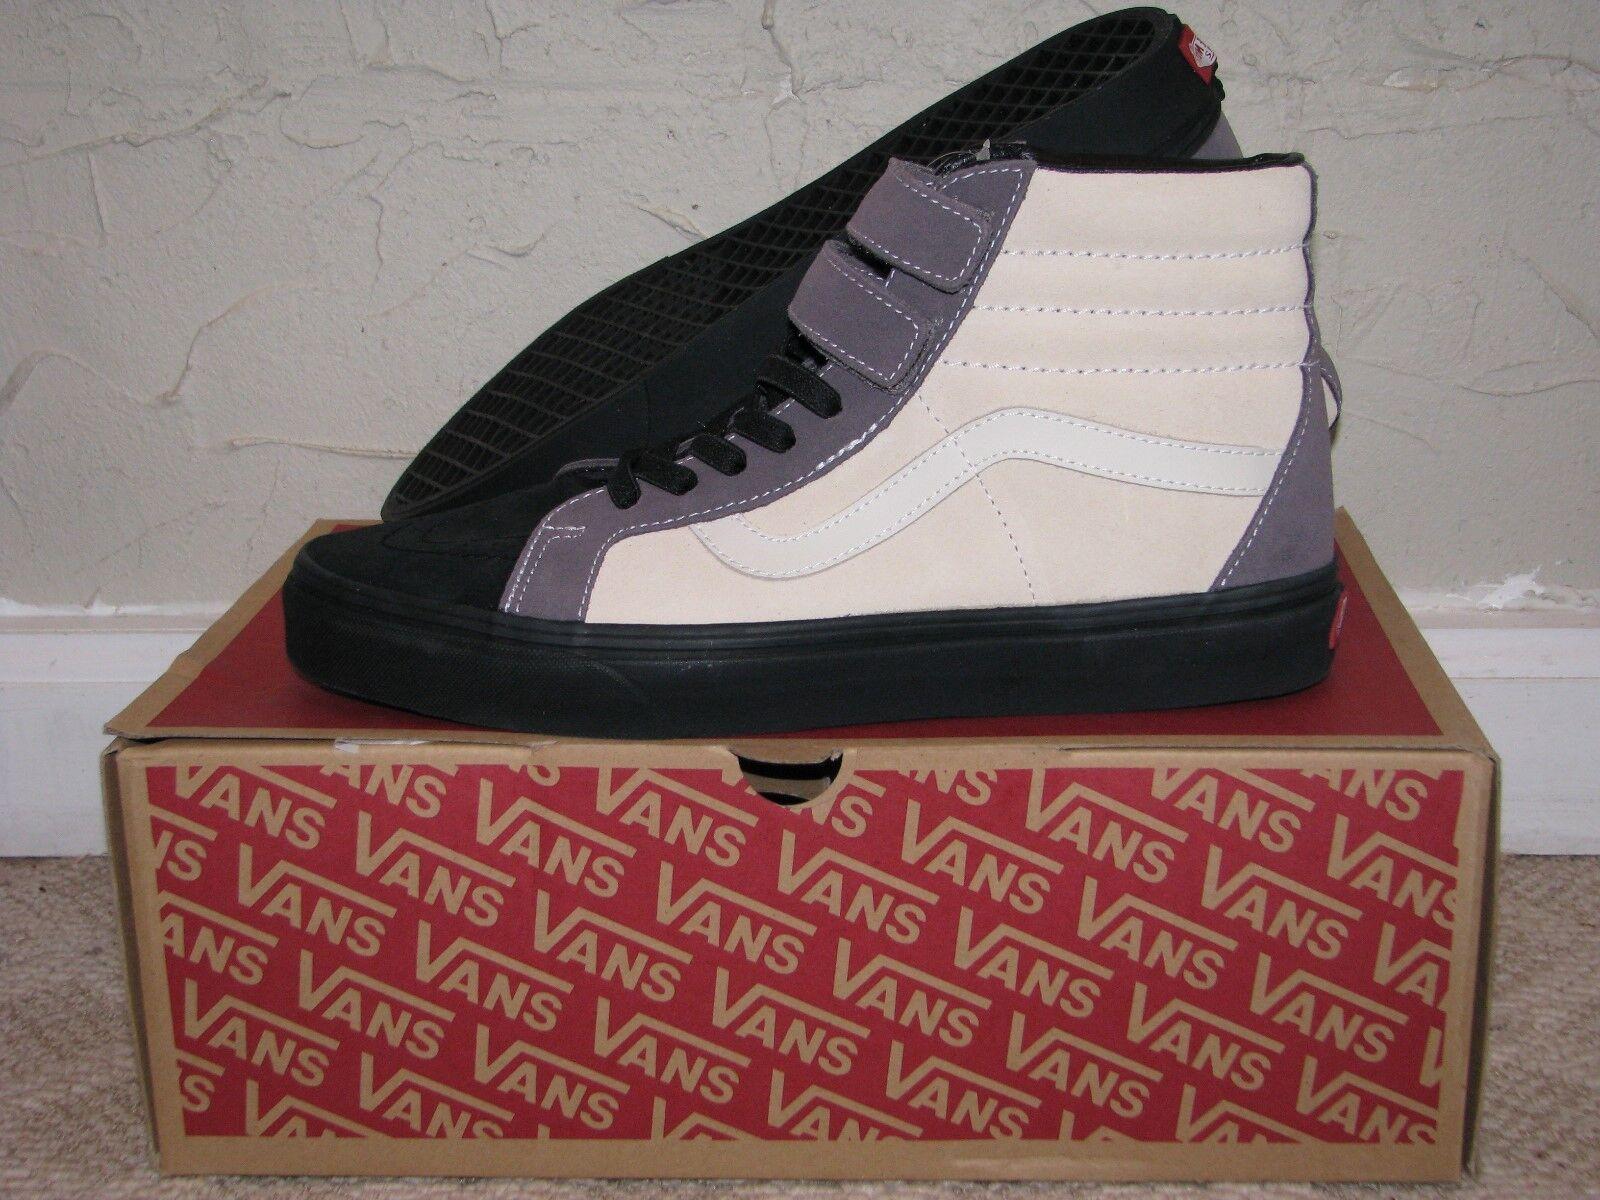 UO x Vans SK8 Hi Reissue V Suede Tan Men's Size 10 DS NEW Skate Skateboard BMX